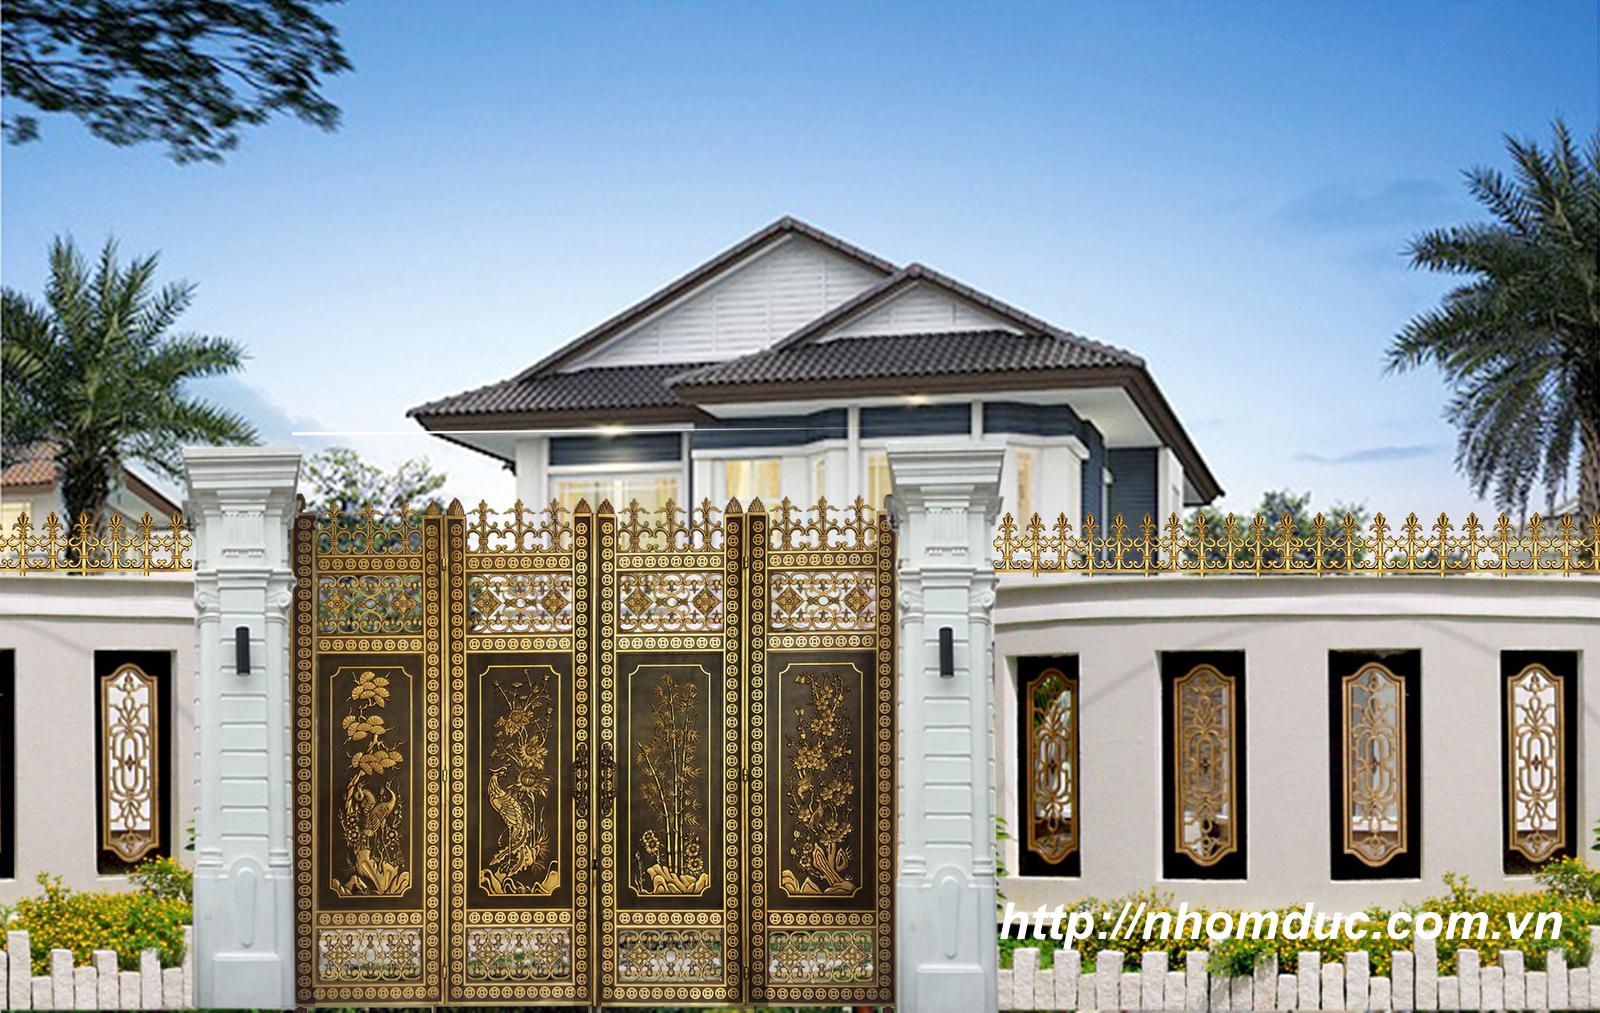 Cửa cổng nhôm đúc thành phố Hải Phòng, Cửa nhôm đúc